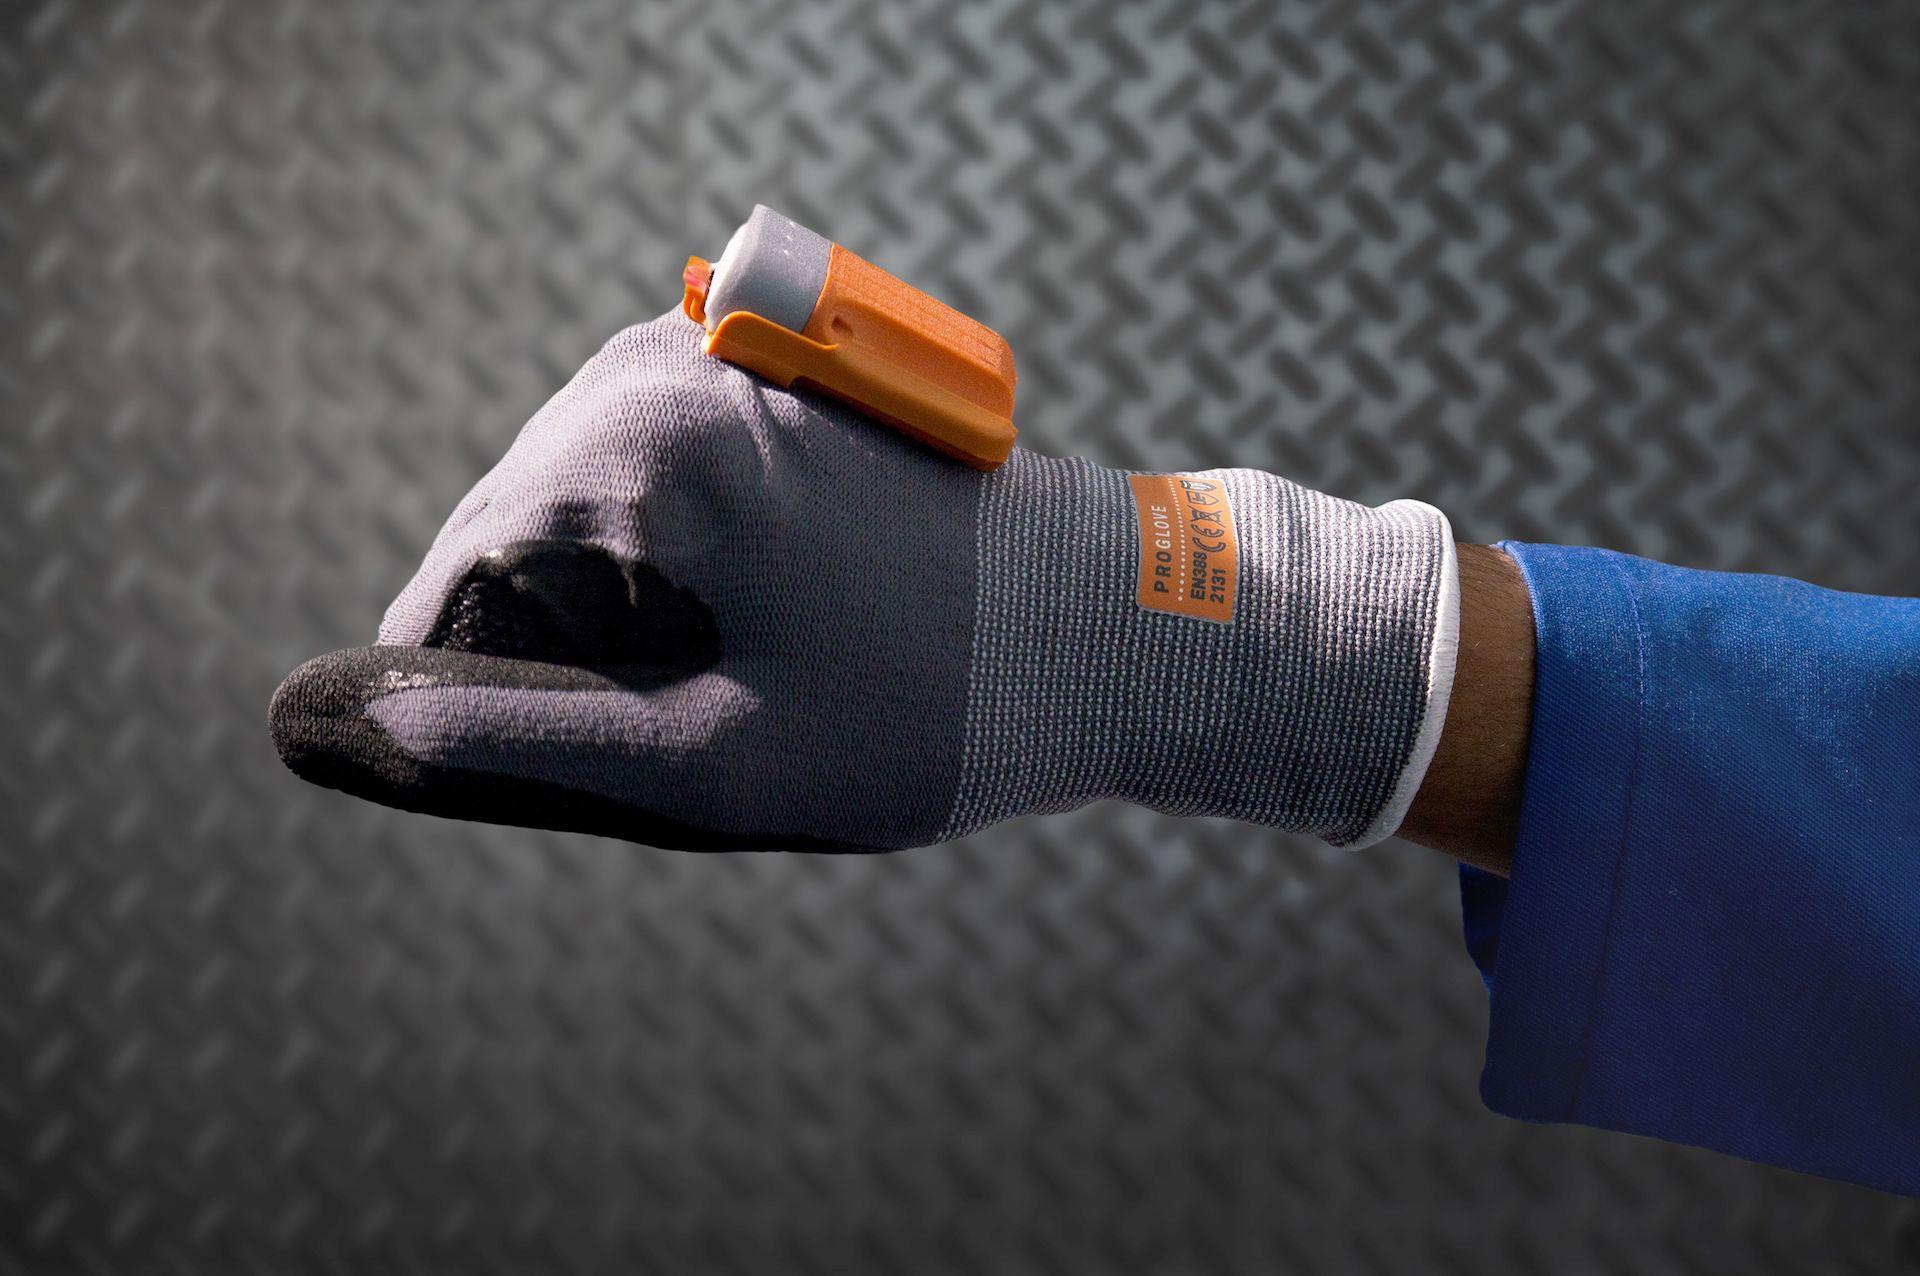 Intelligent scanning glove